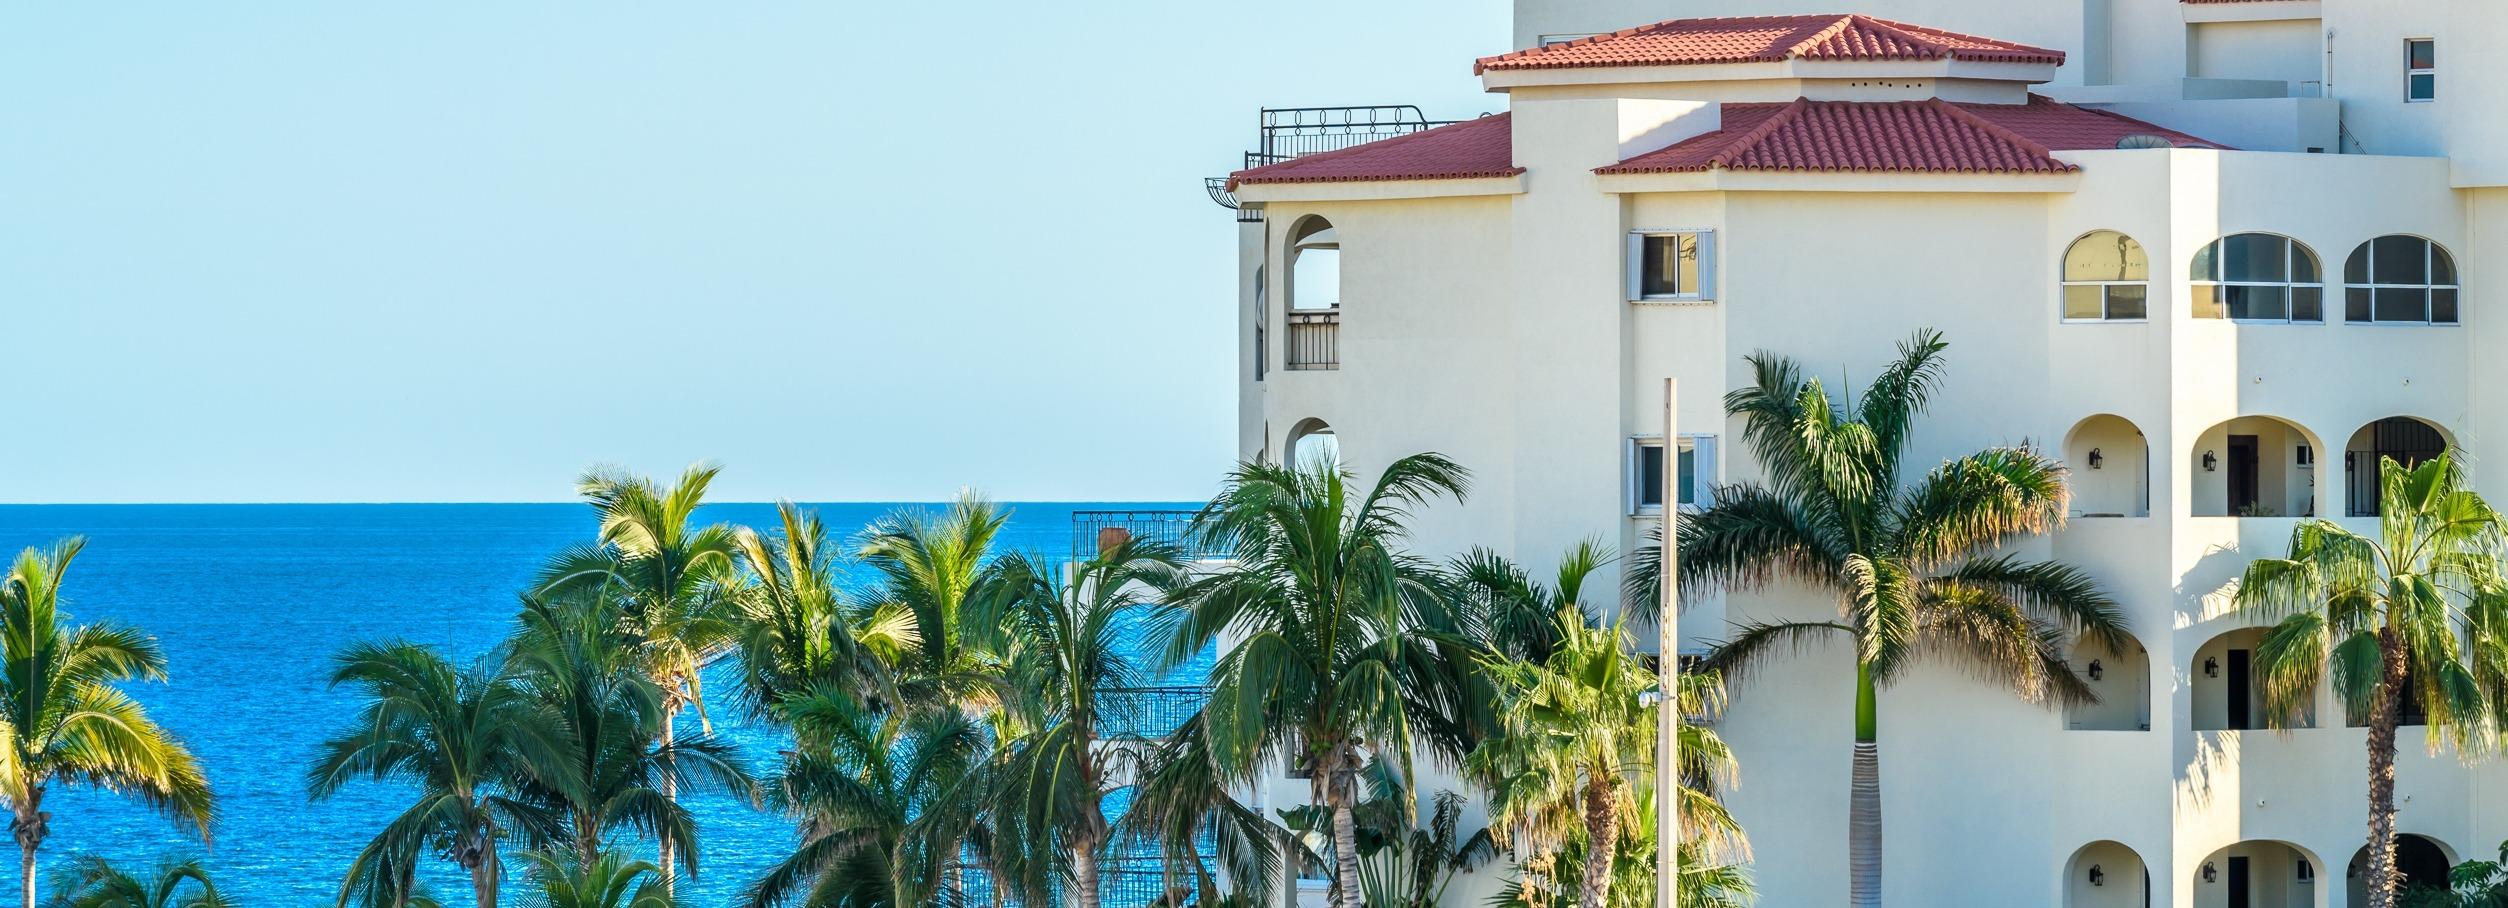 Appartement-à vendre-bord de mer-soleil-Espagne-immobilier-achat-plus-value